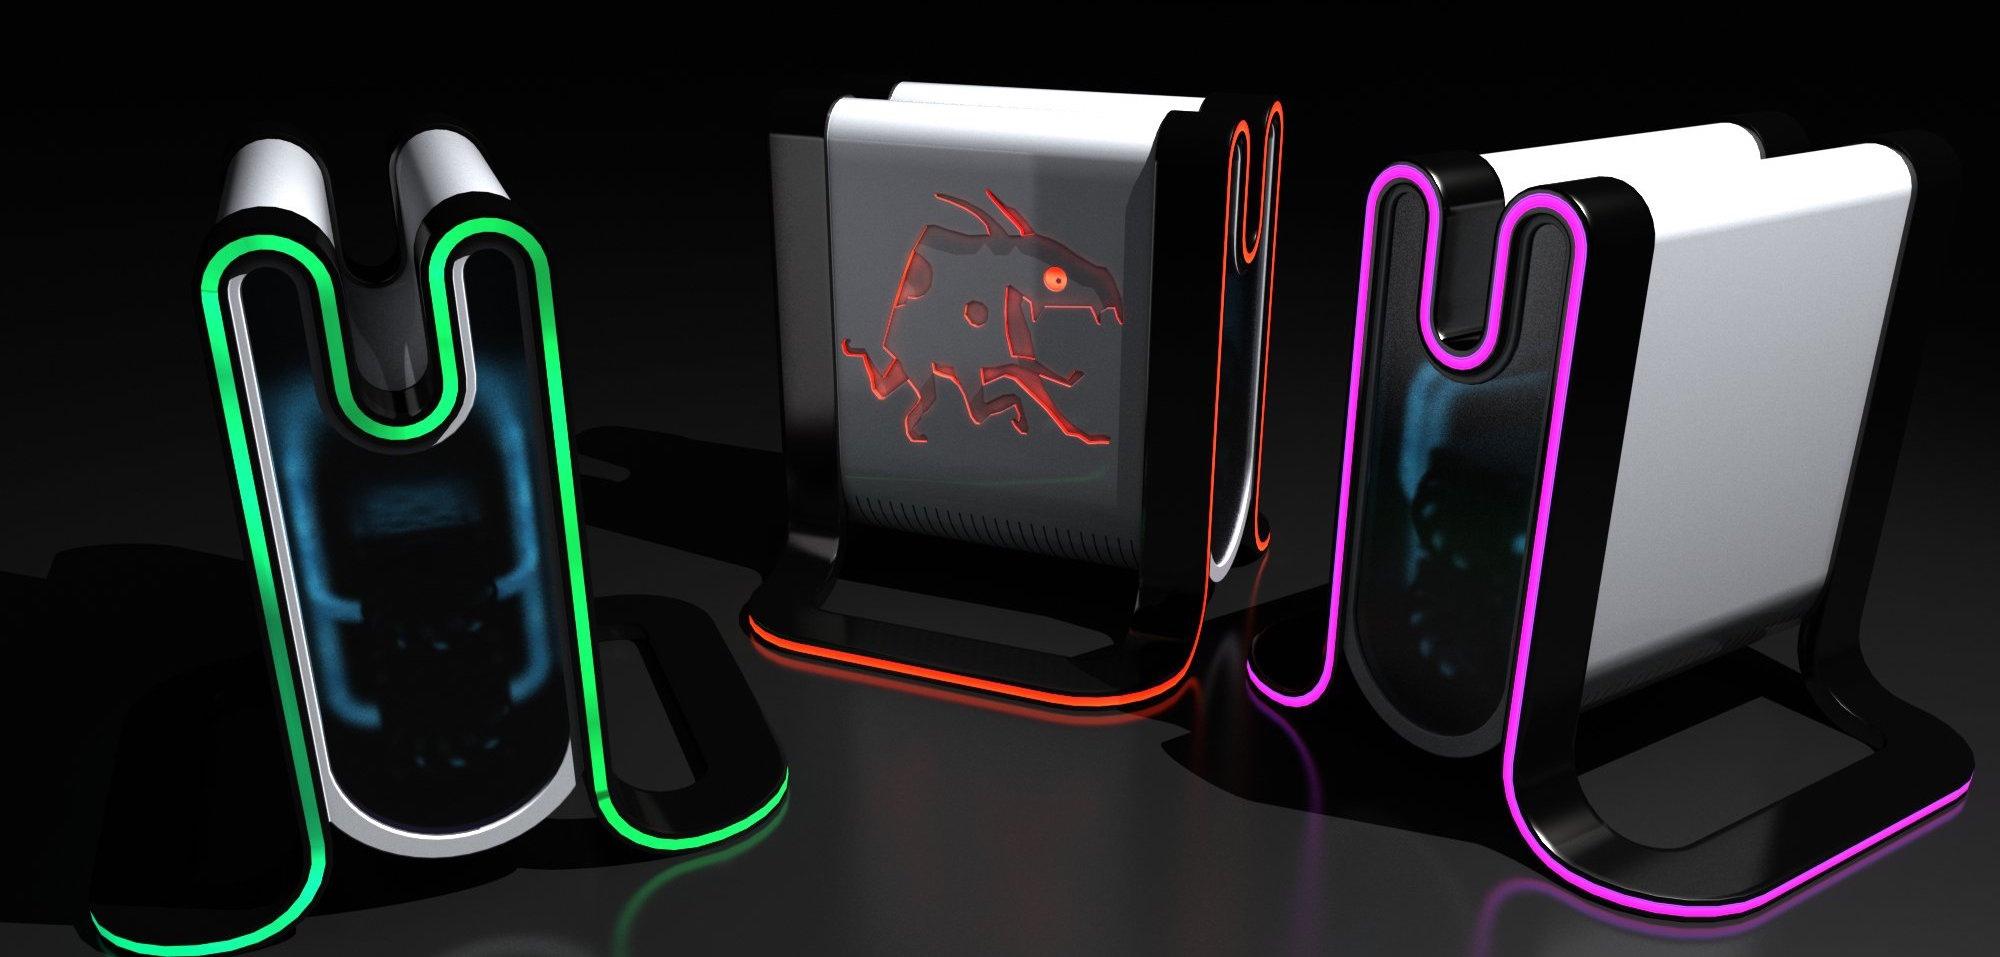 Mad Box - первые изображения игровой консоли